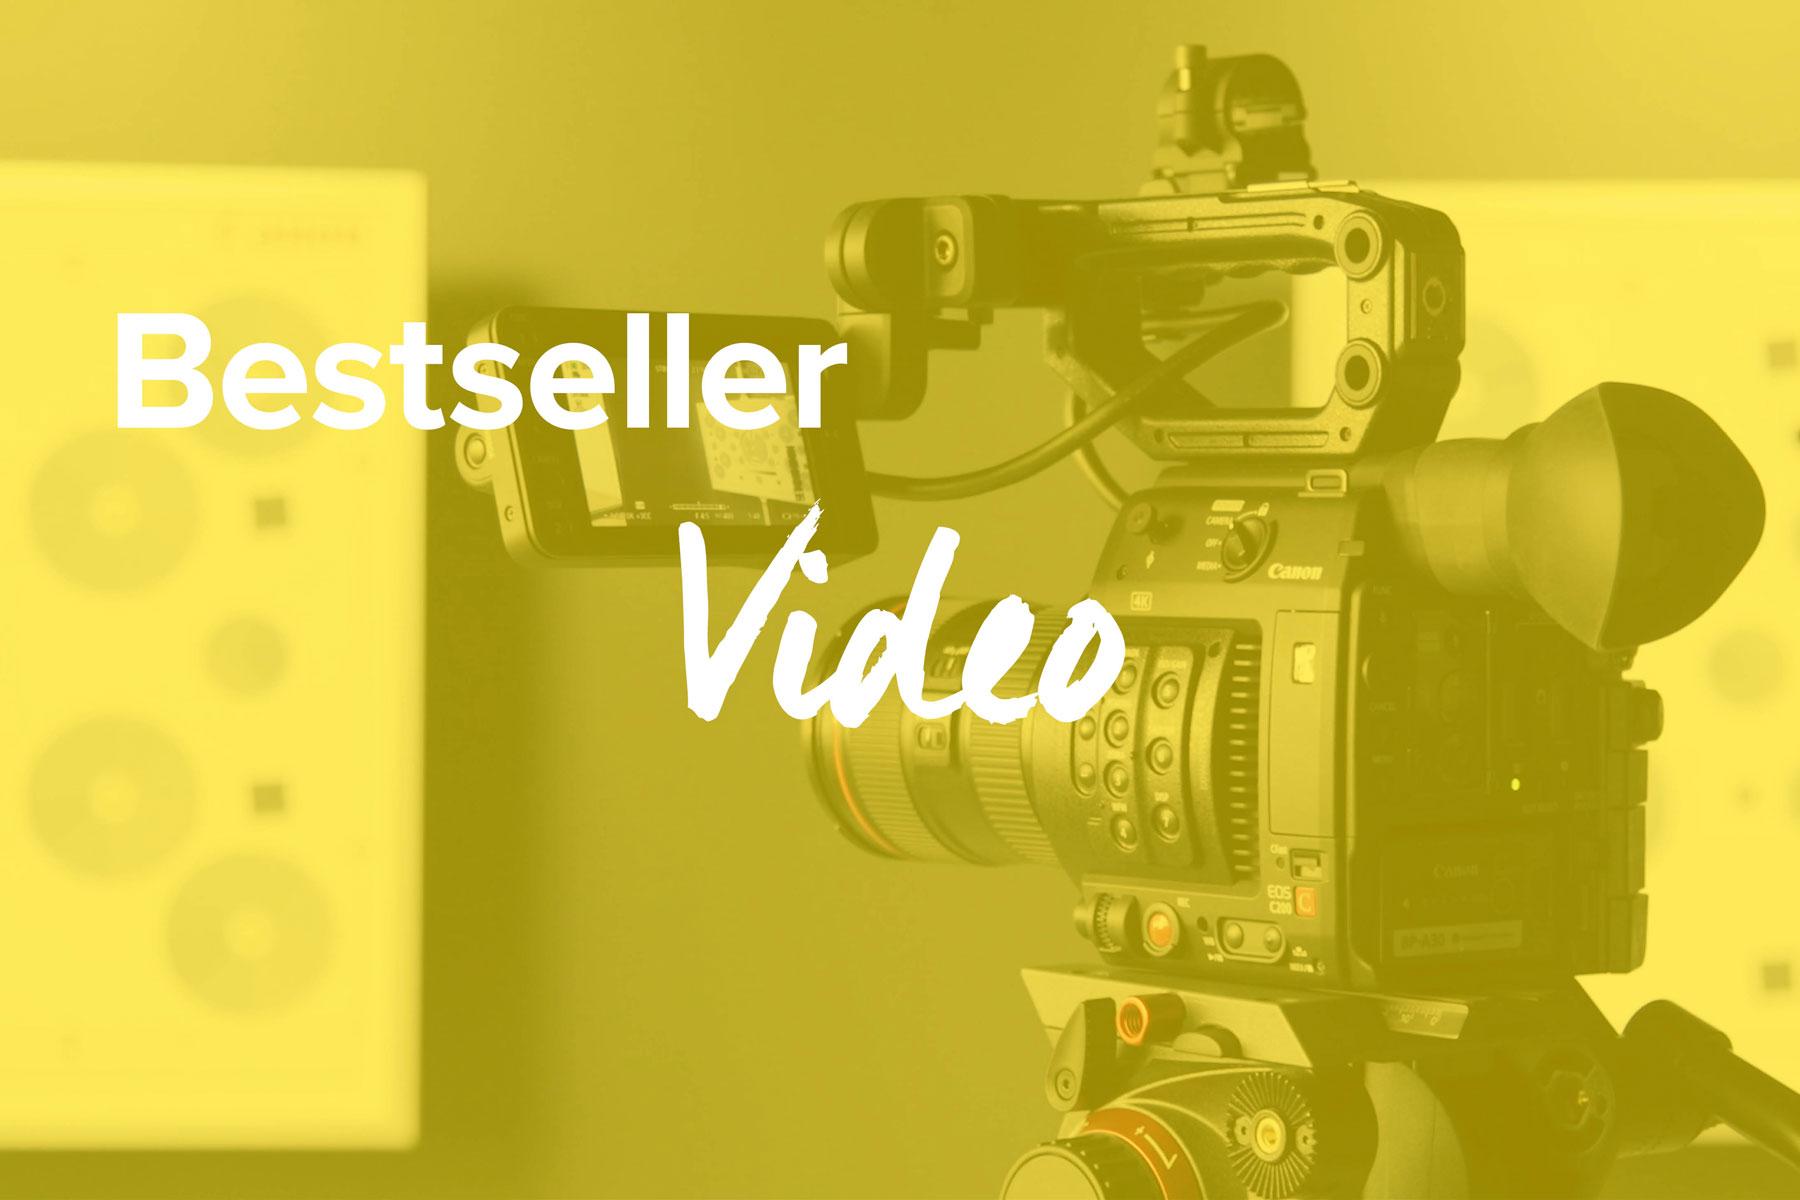 Unsere beliebtesten Video Produkte